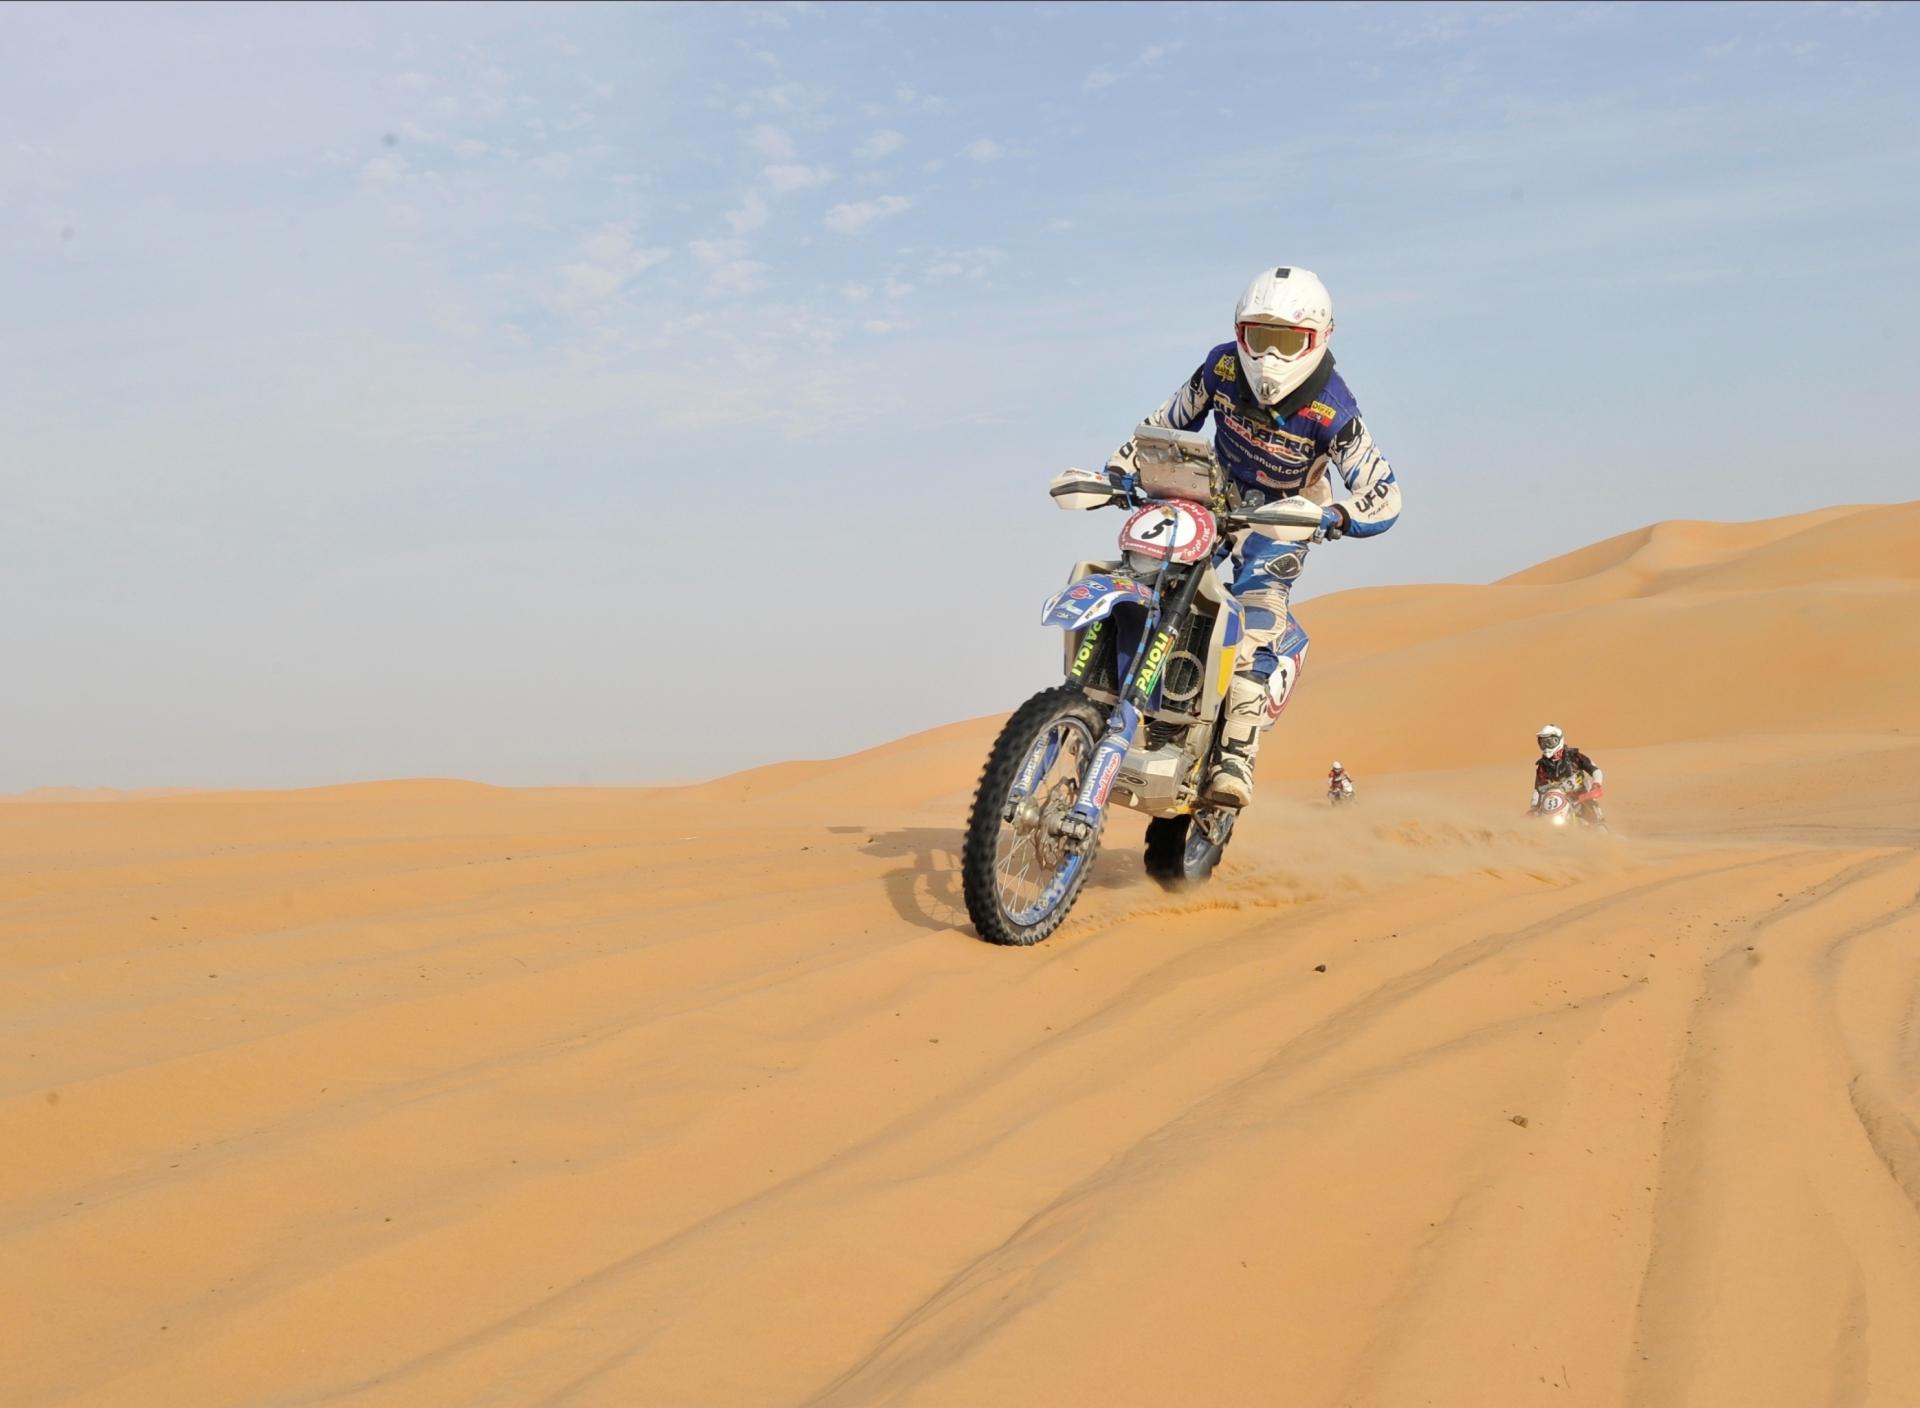 квадроцикл песок пустыня загрузить